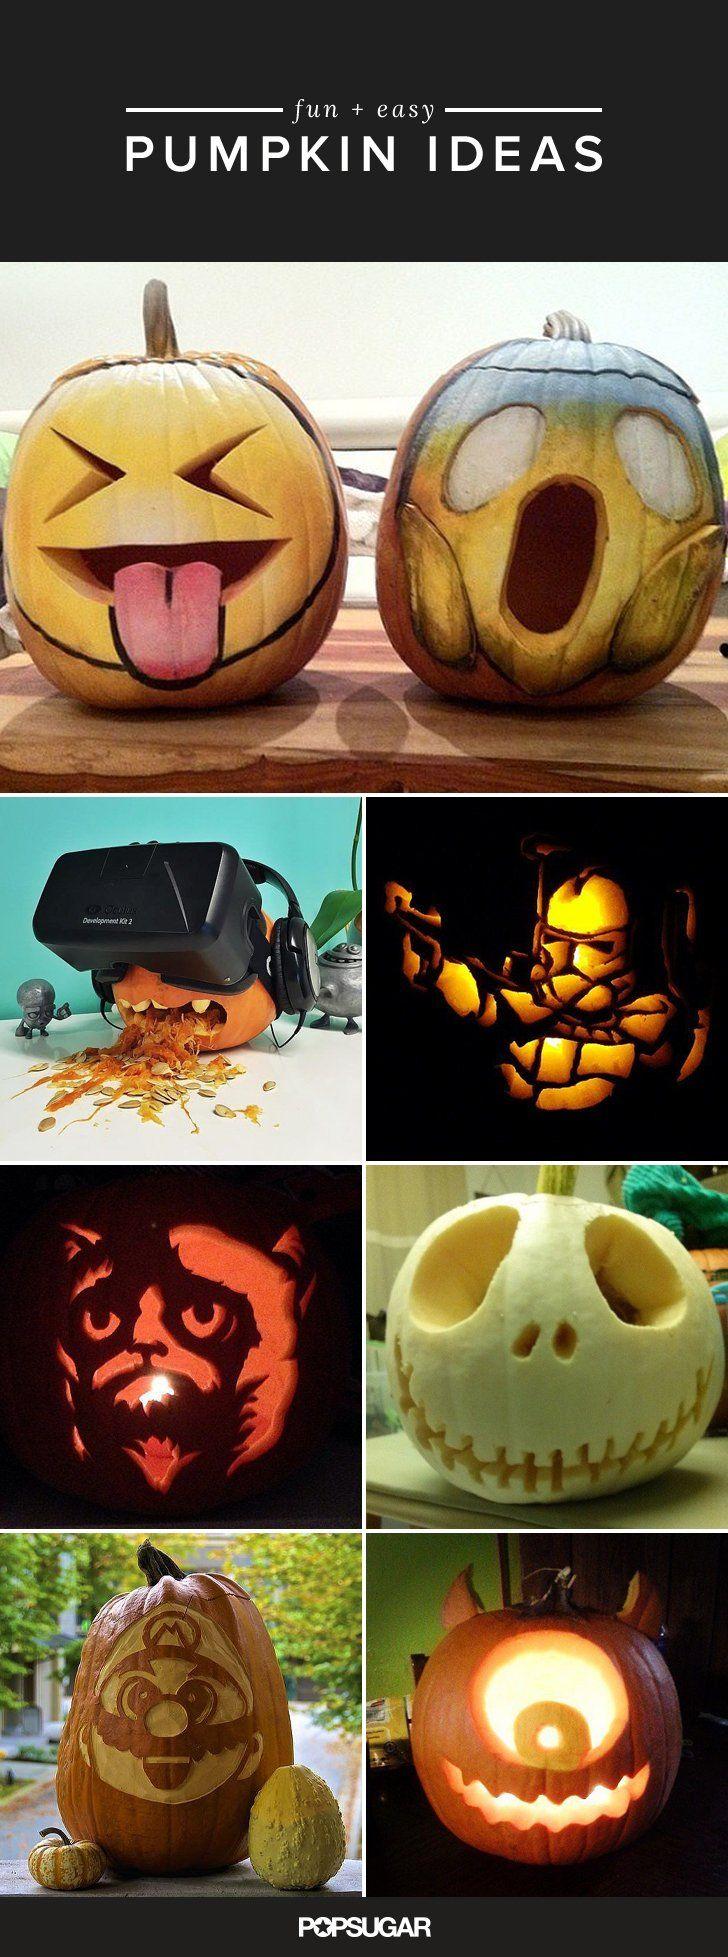 Best 25+ Creative pumpkins ideas on Pinterest | Painted pumpkins ...